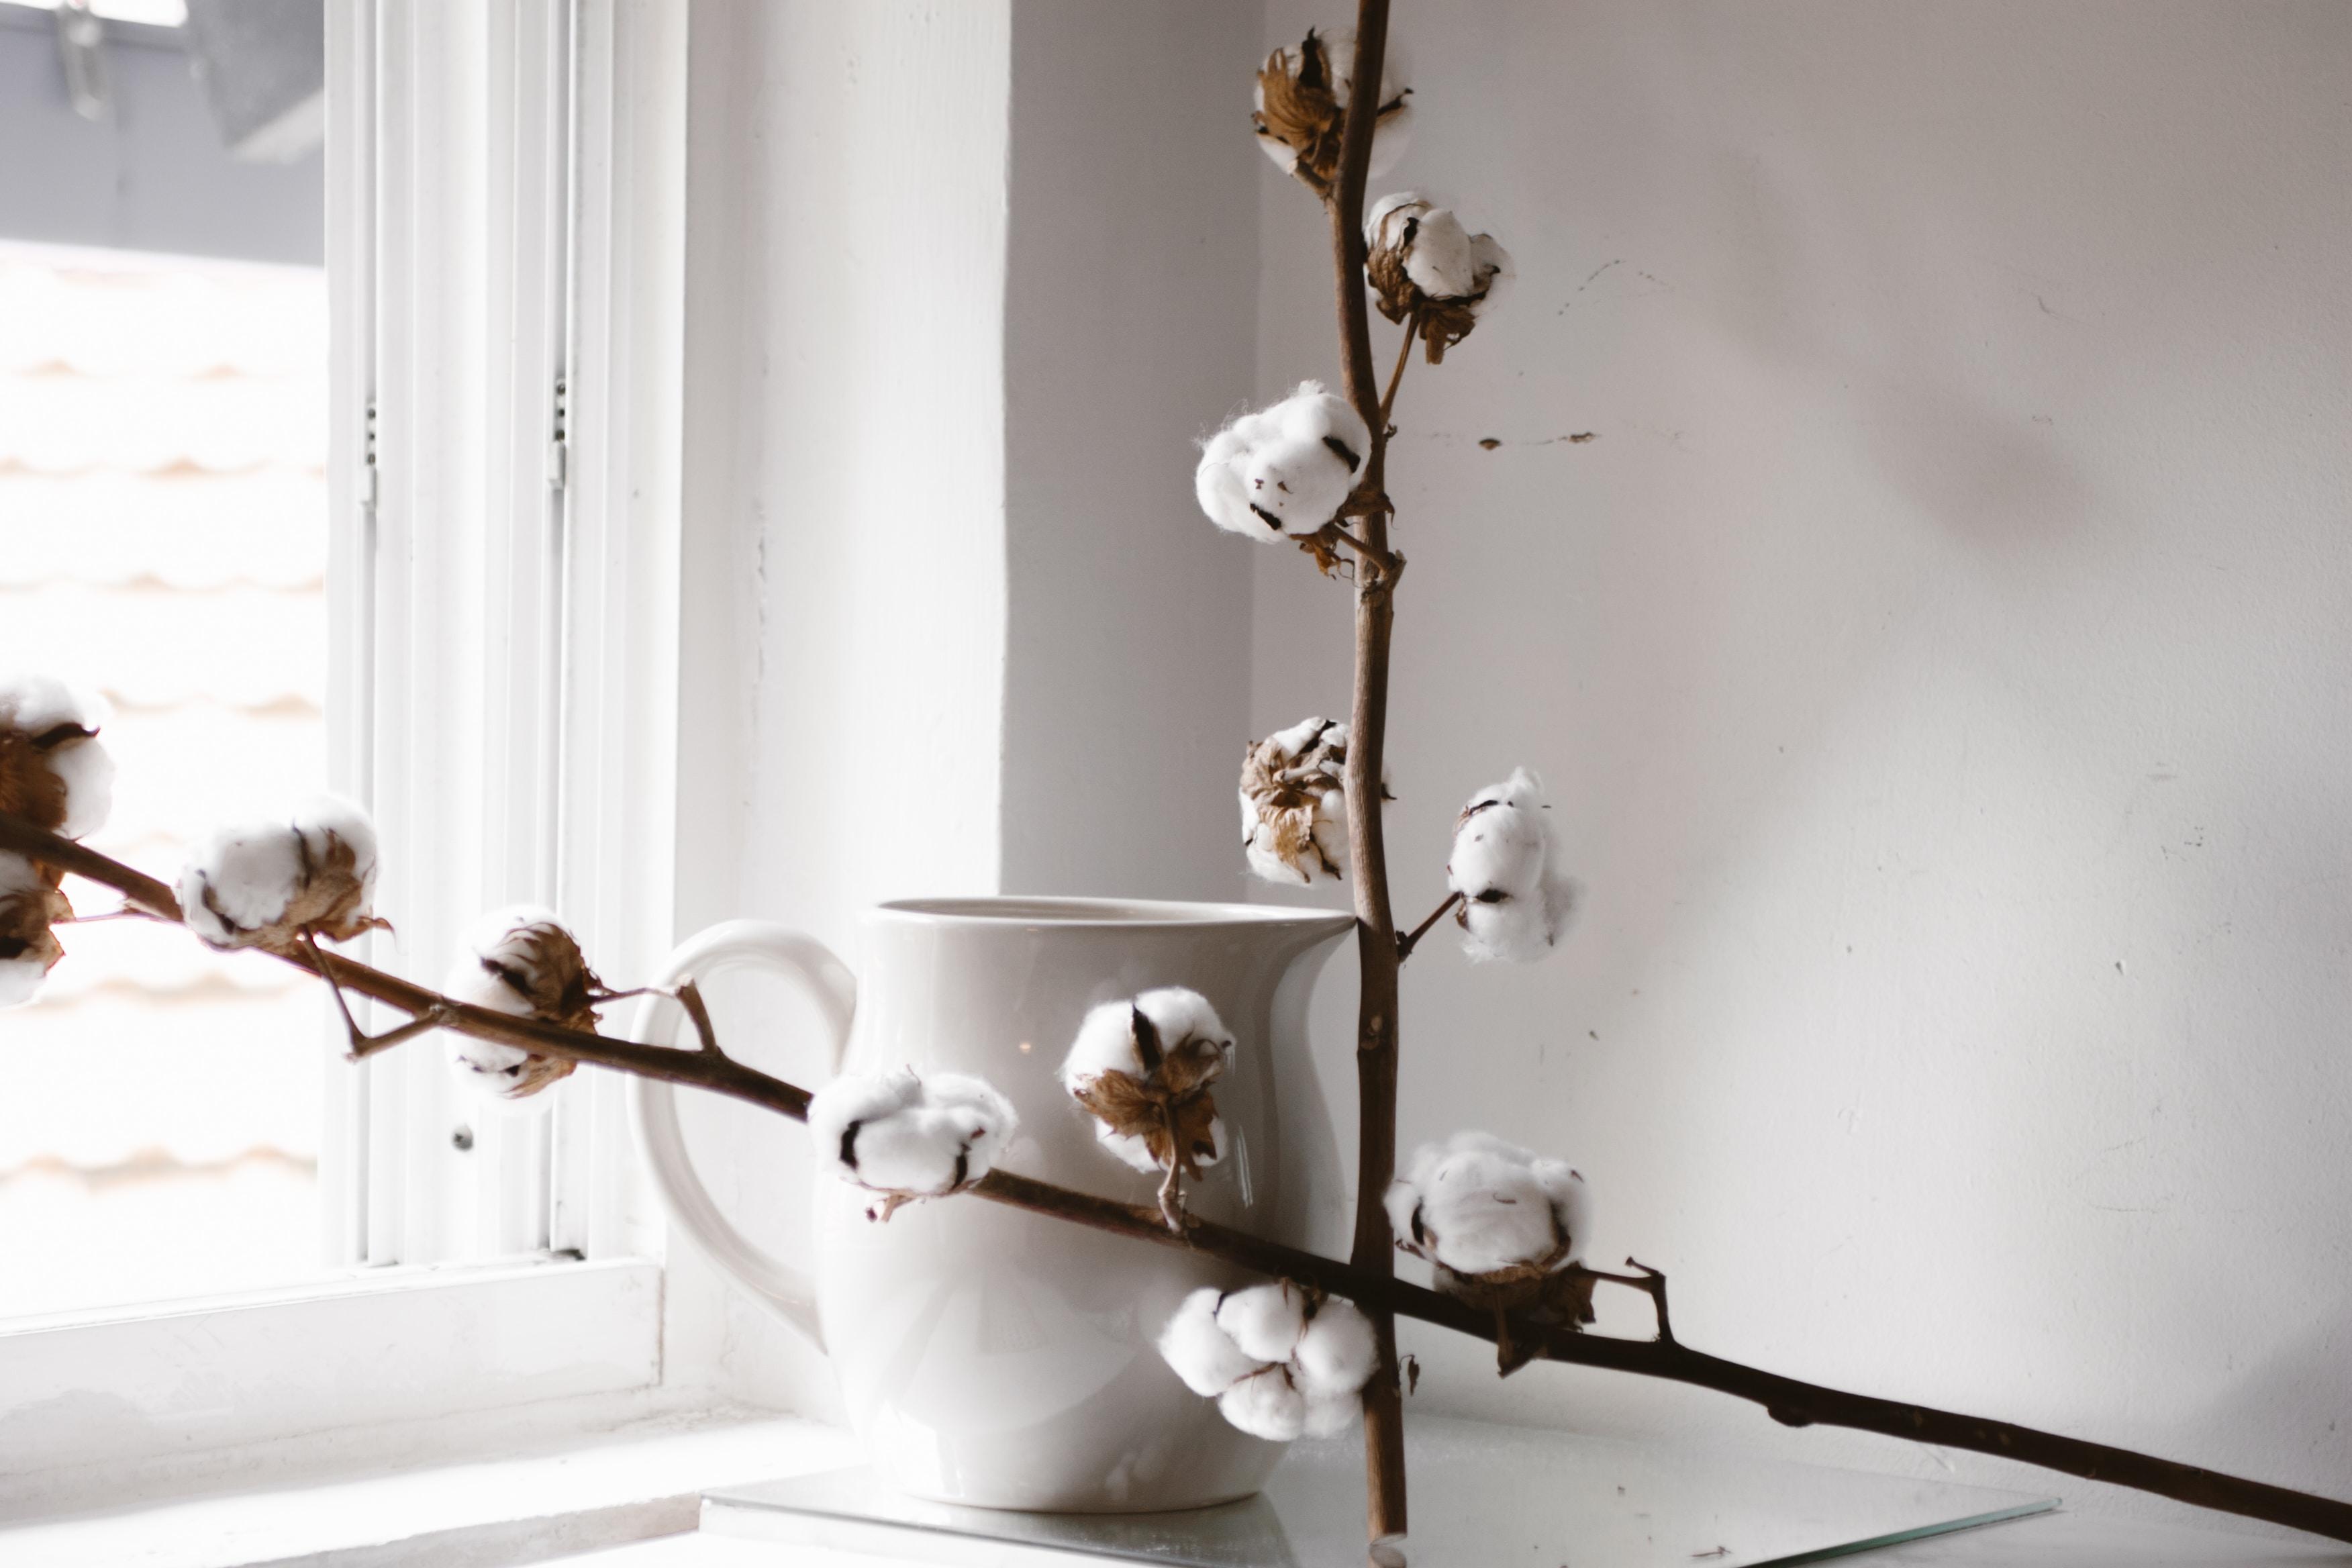 white flowering brown plant beside white ceramic teapot